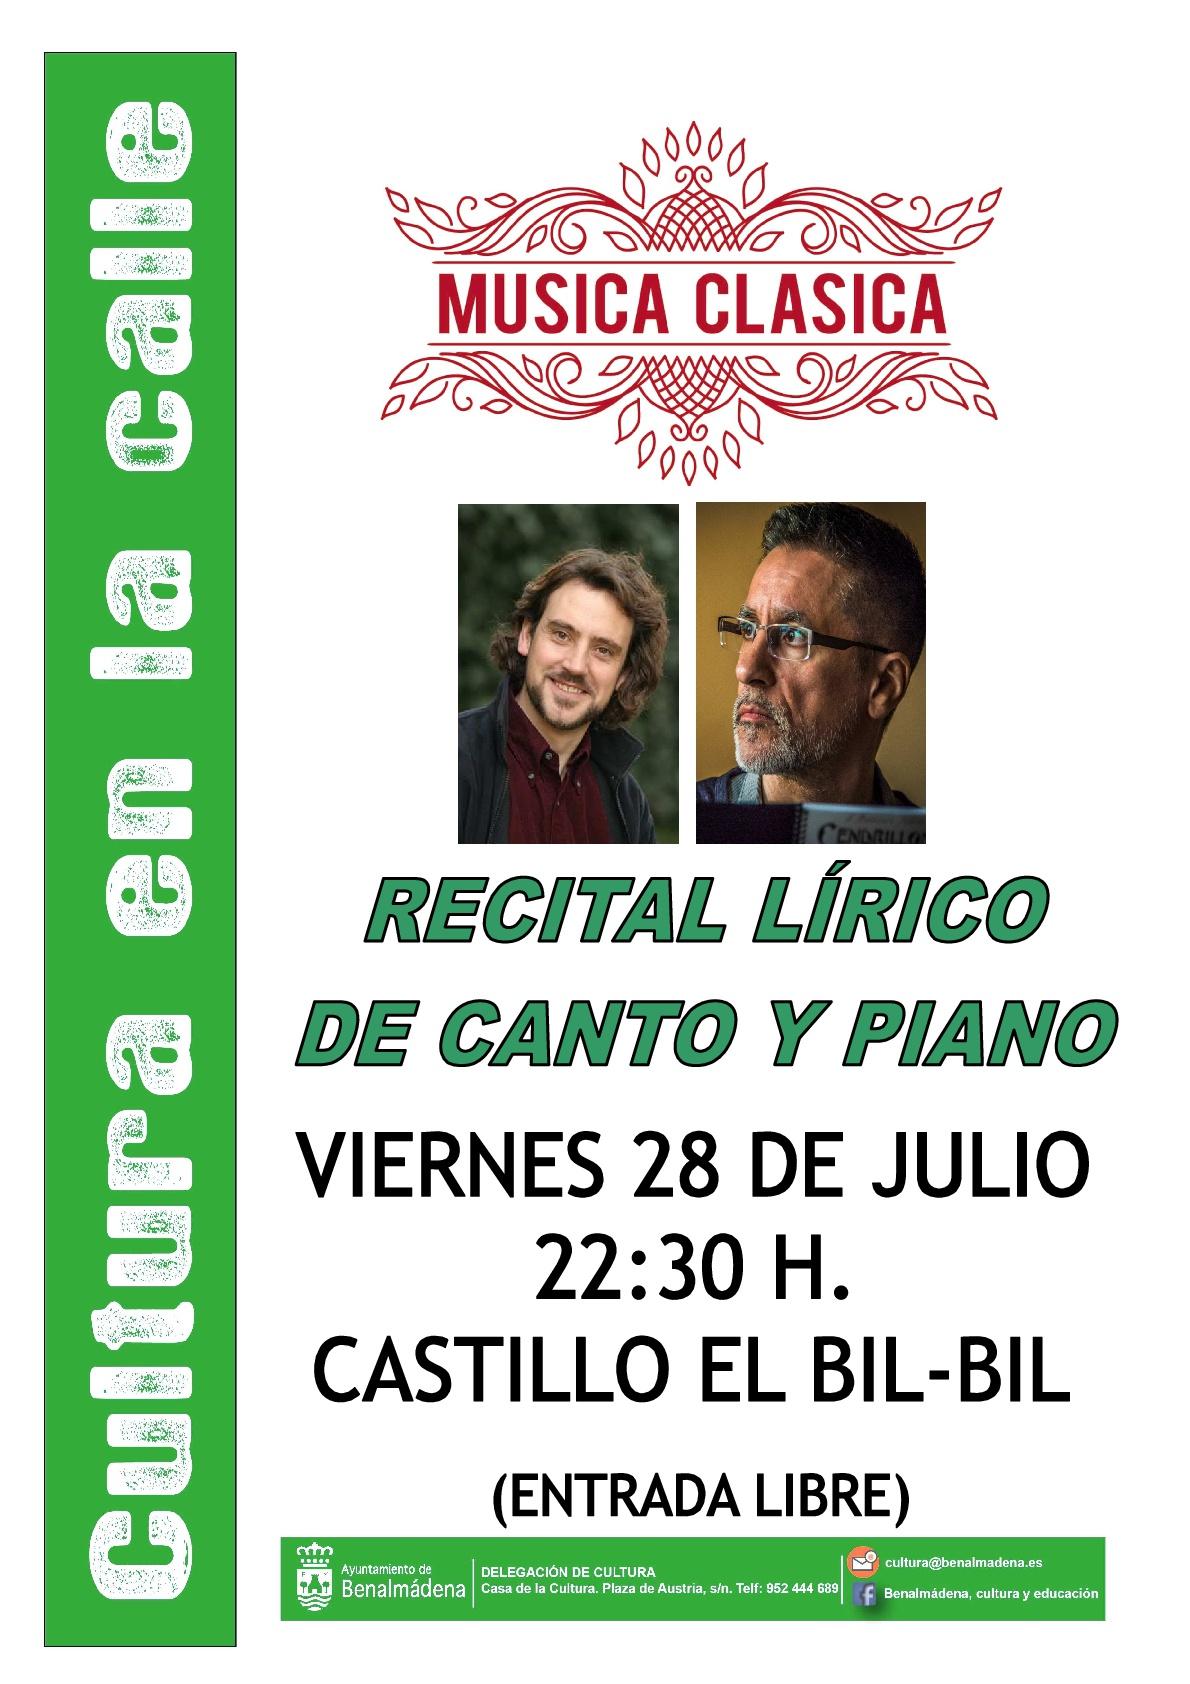 Recital Lírico de Canto y Piano